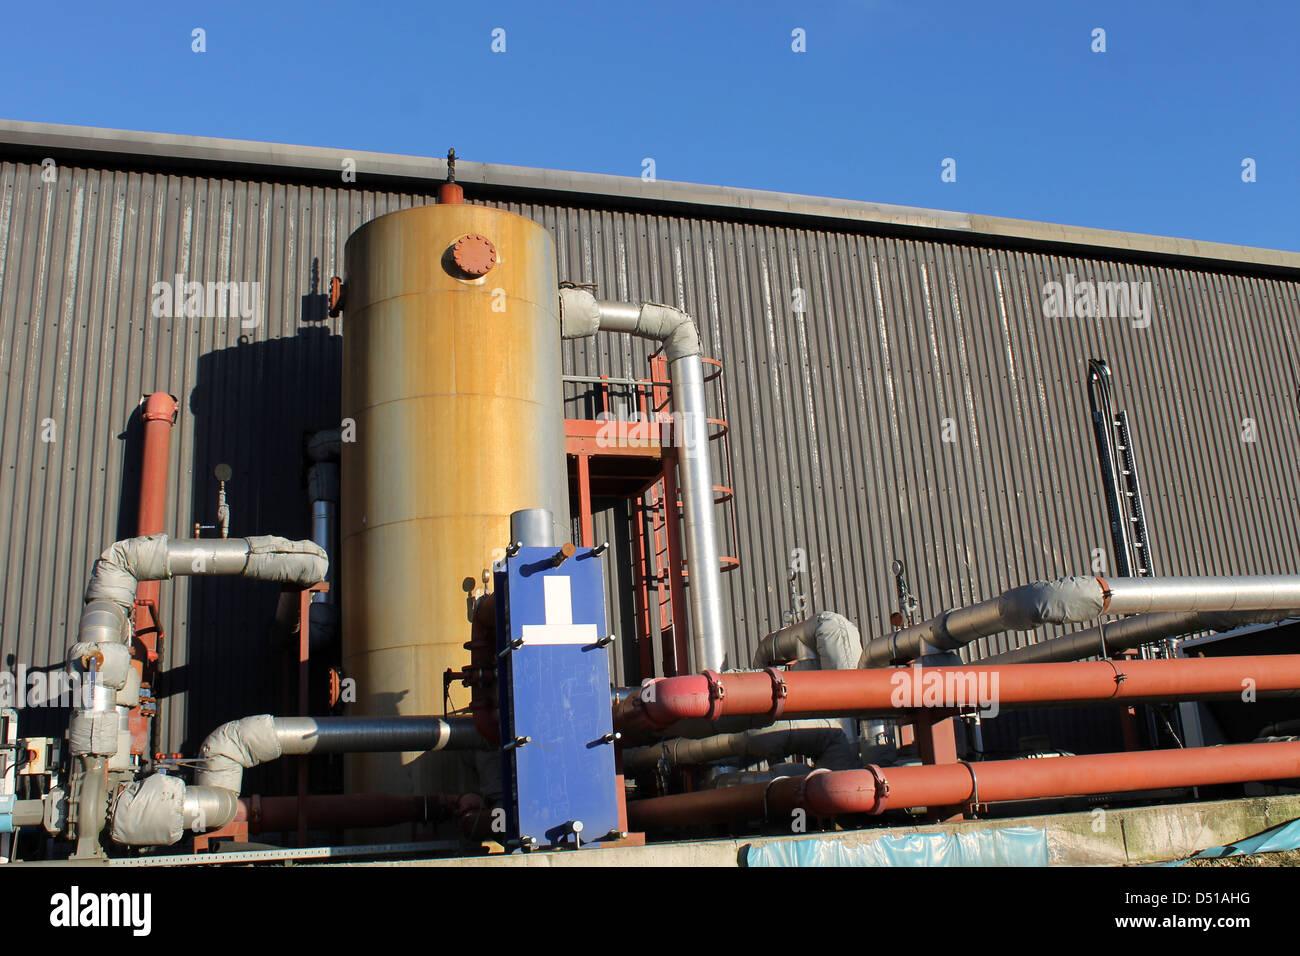 de l'extérieur d'un bâtiment industriel moderne avec des tuyaux et